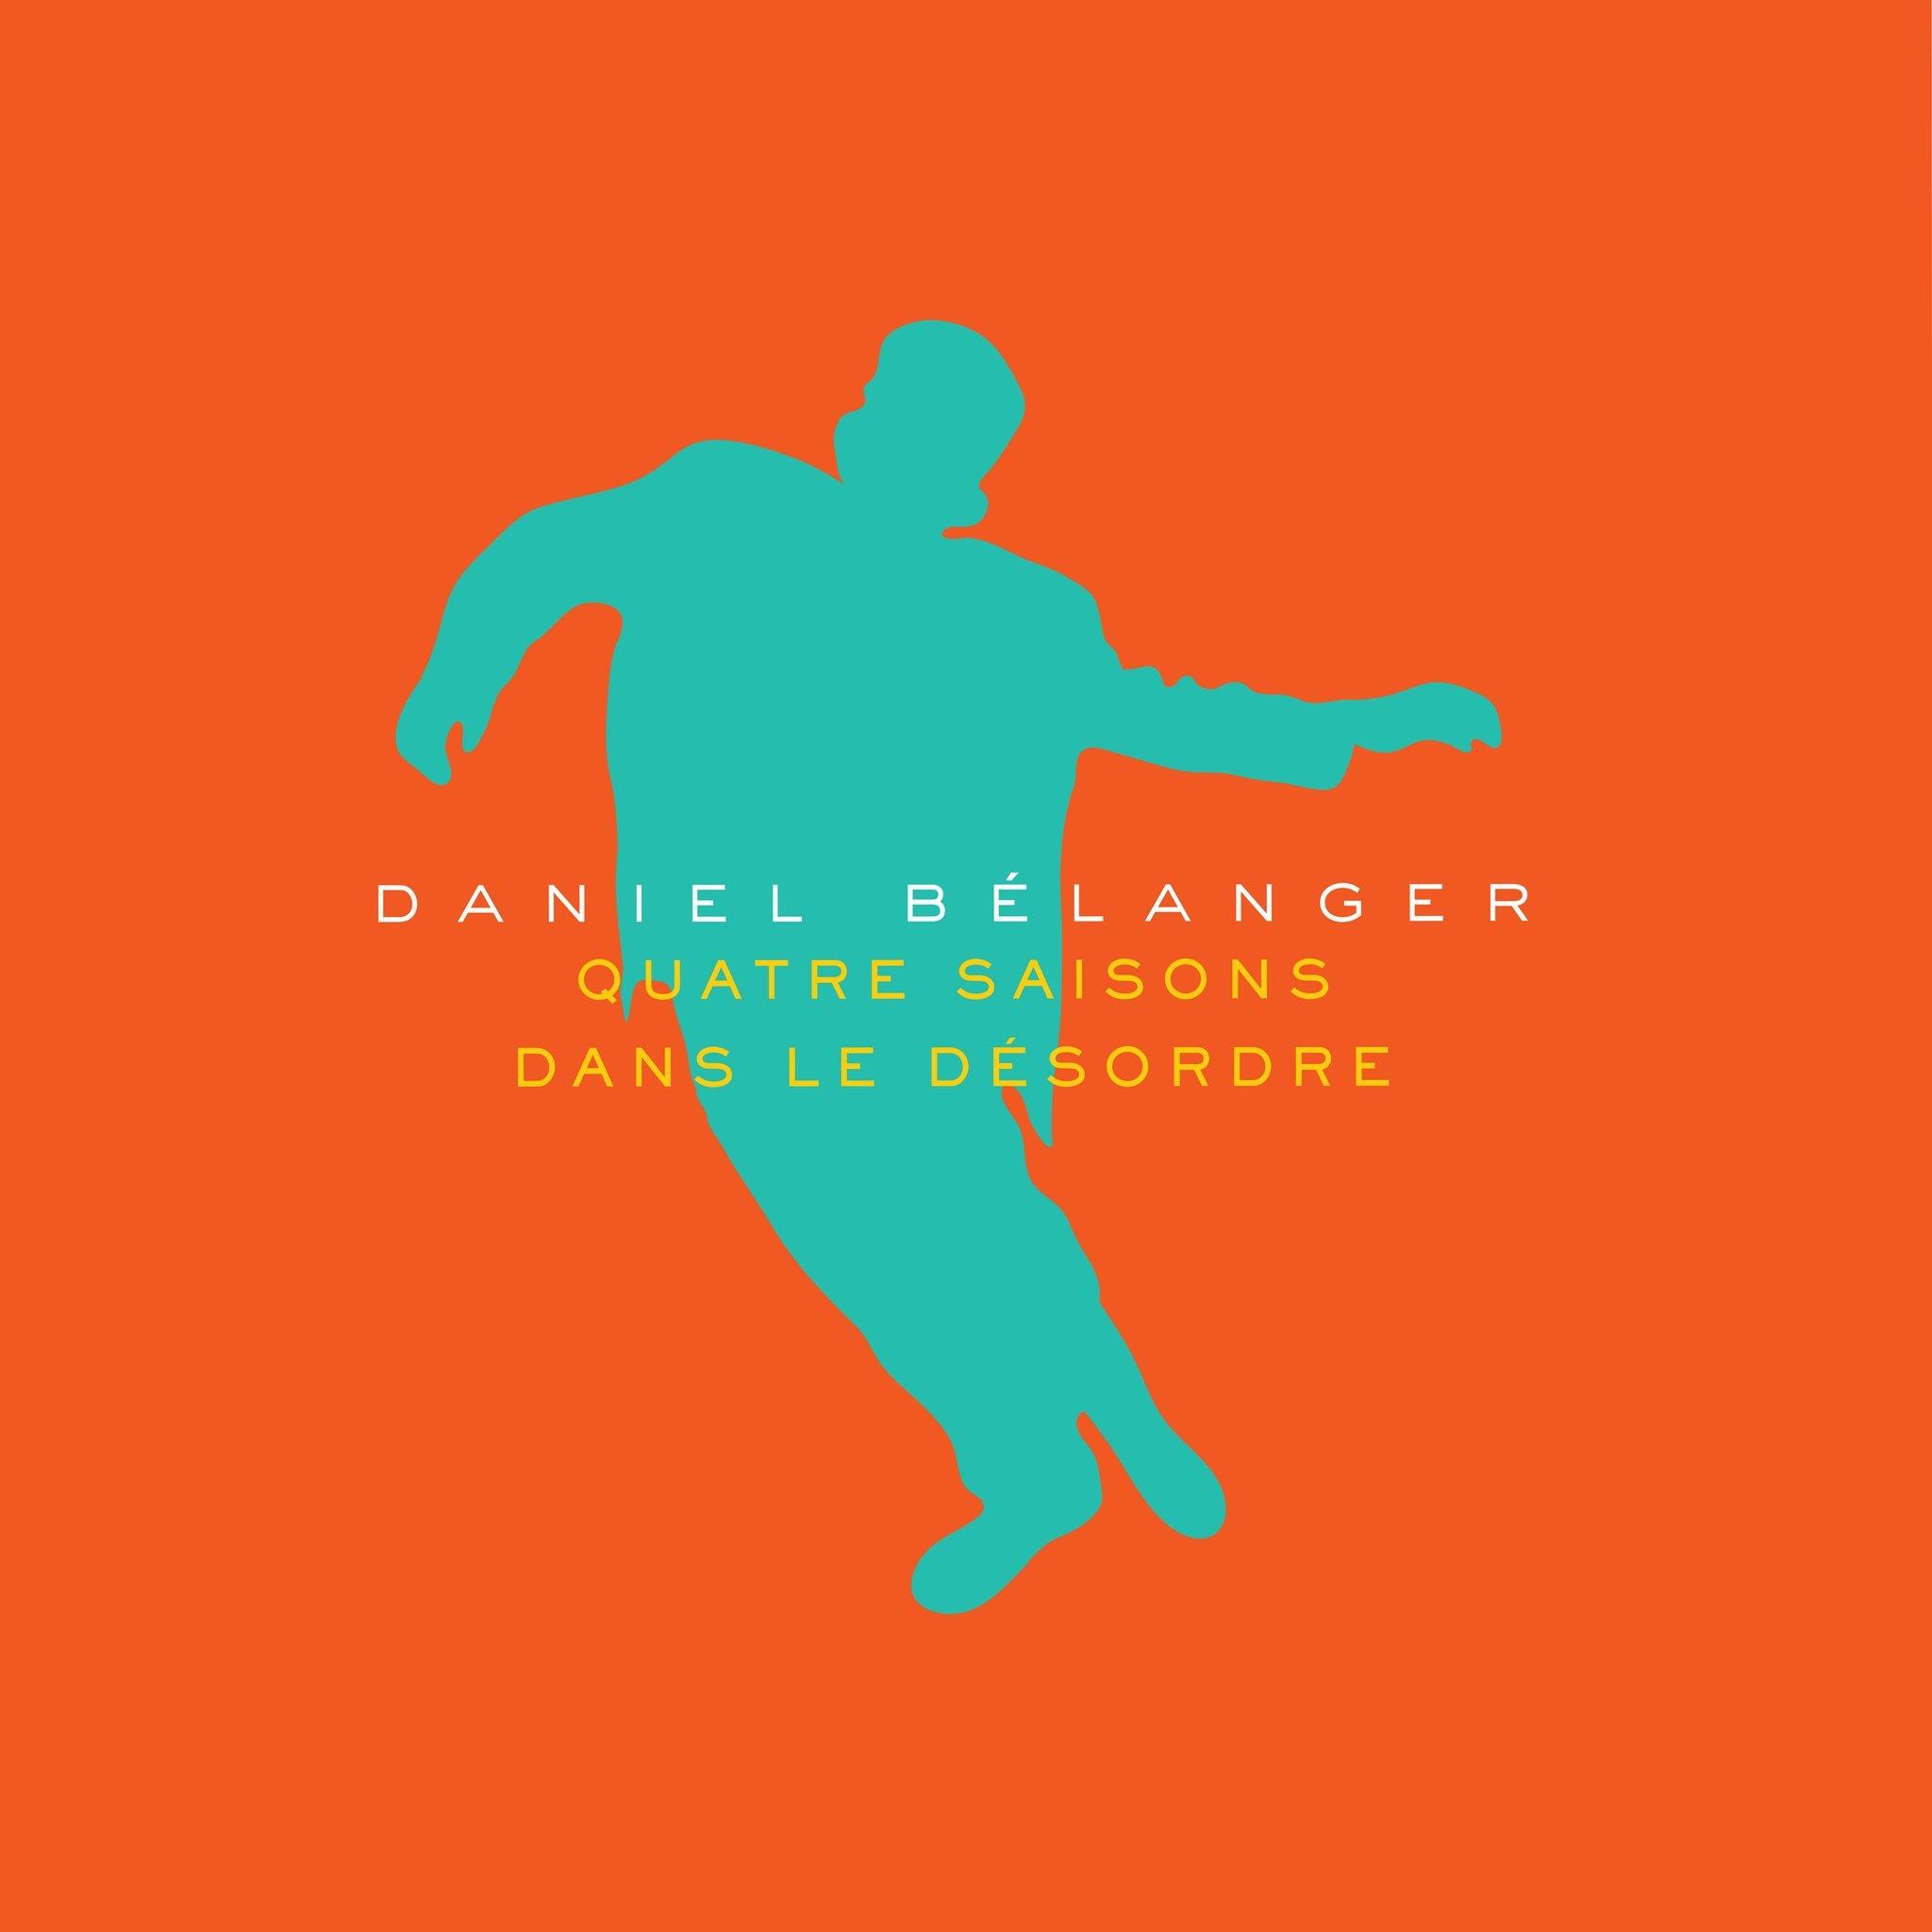 Daniel Bélanger • Quatre saisons dans le désordre-1